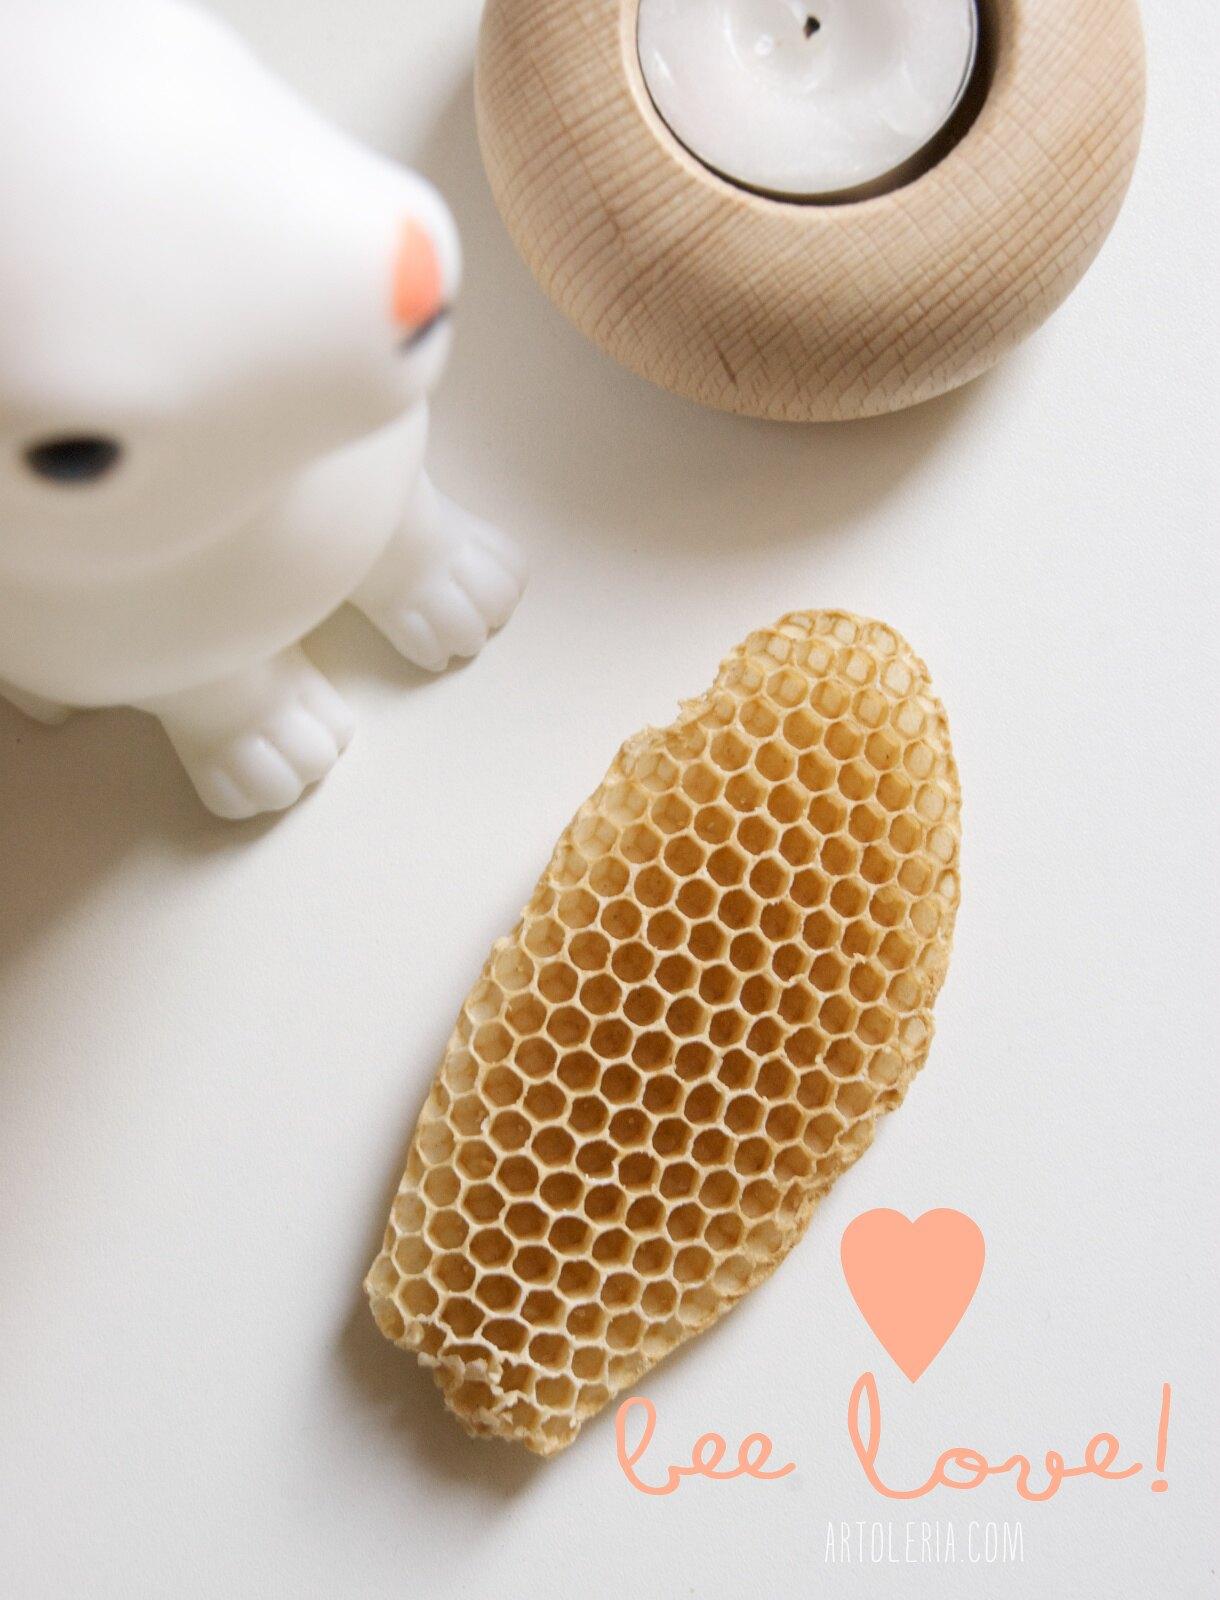 bee love cera d'api alveare